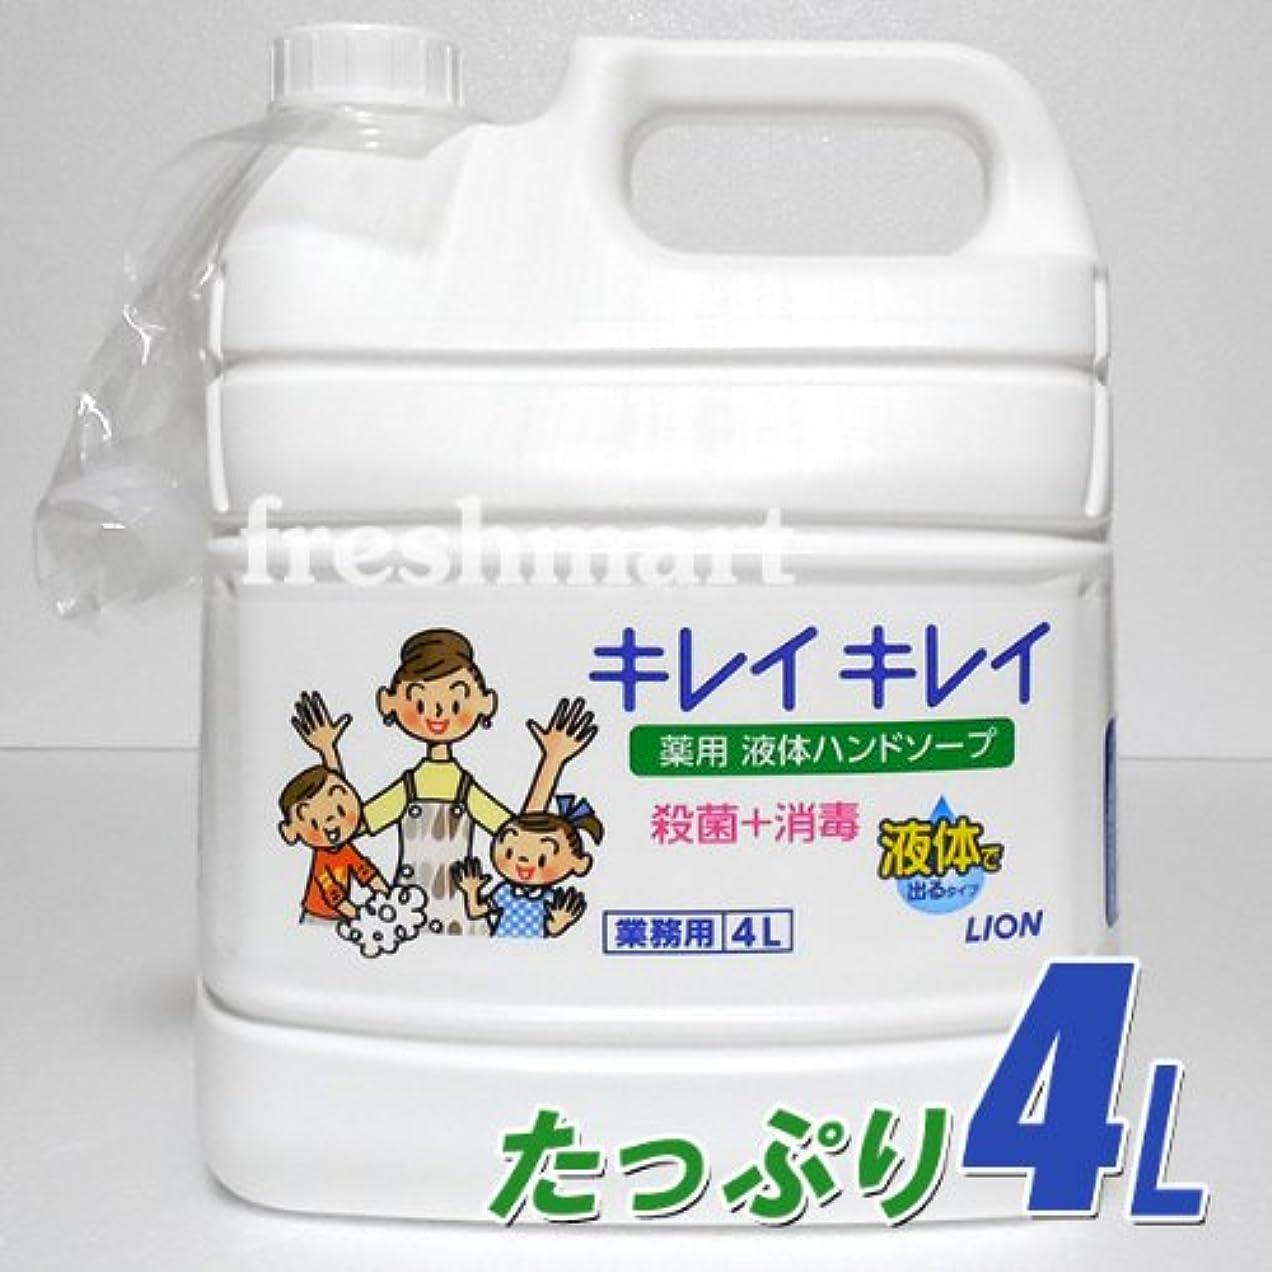 優勢絶縁するつらい☆100%植物性洗浄成分使用☆ ライオン キレイキレイ 薬用液体ハンドソープ つめかえ用4L 業務用 大容量 ボトル